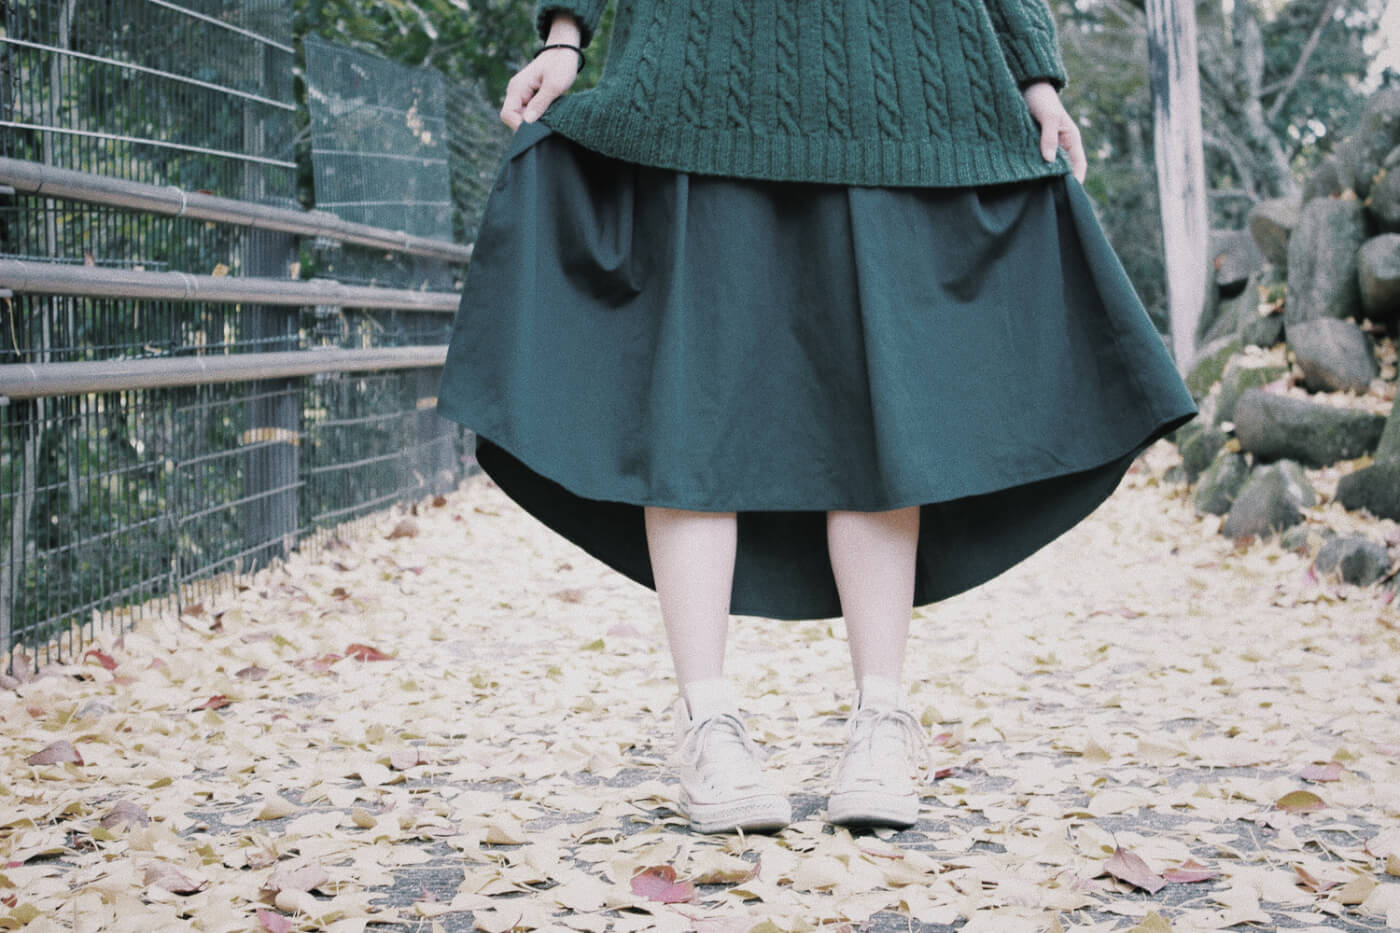 ニットとスカートを着た女性